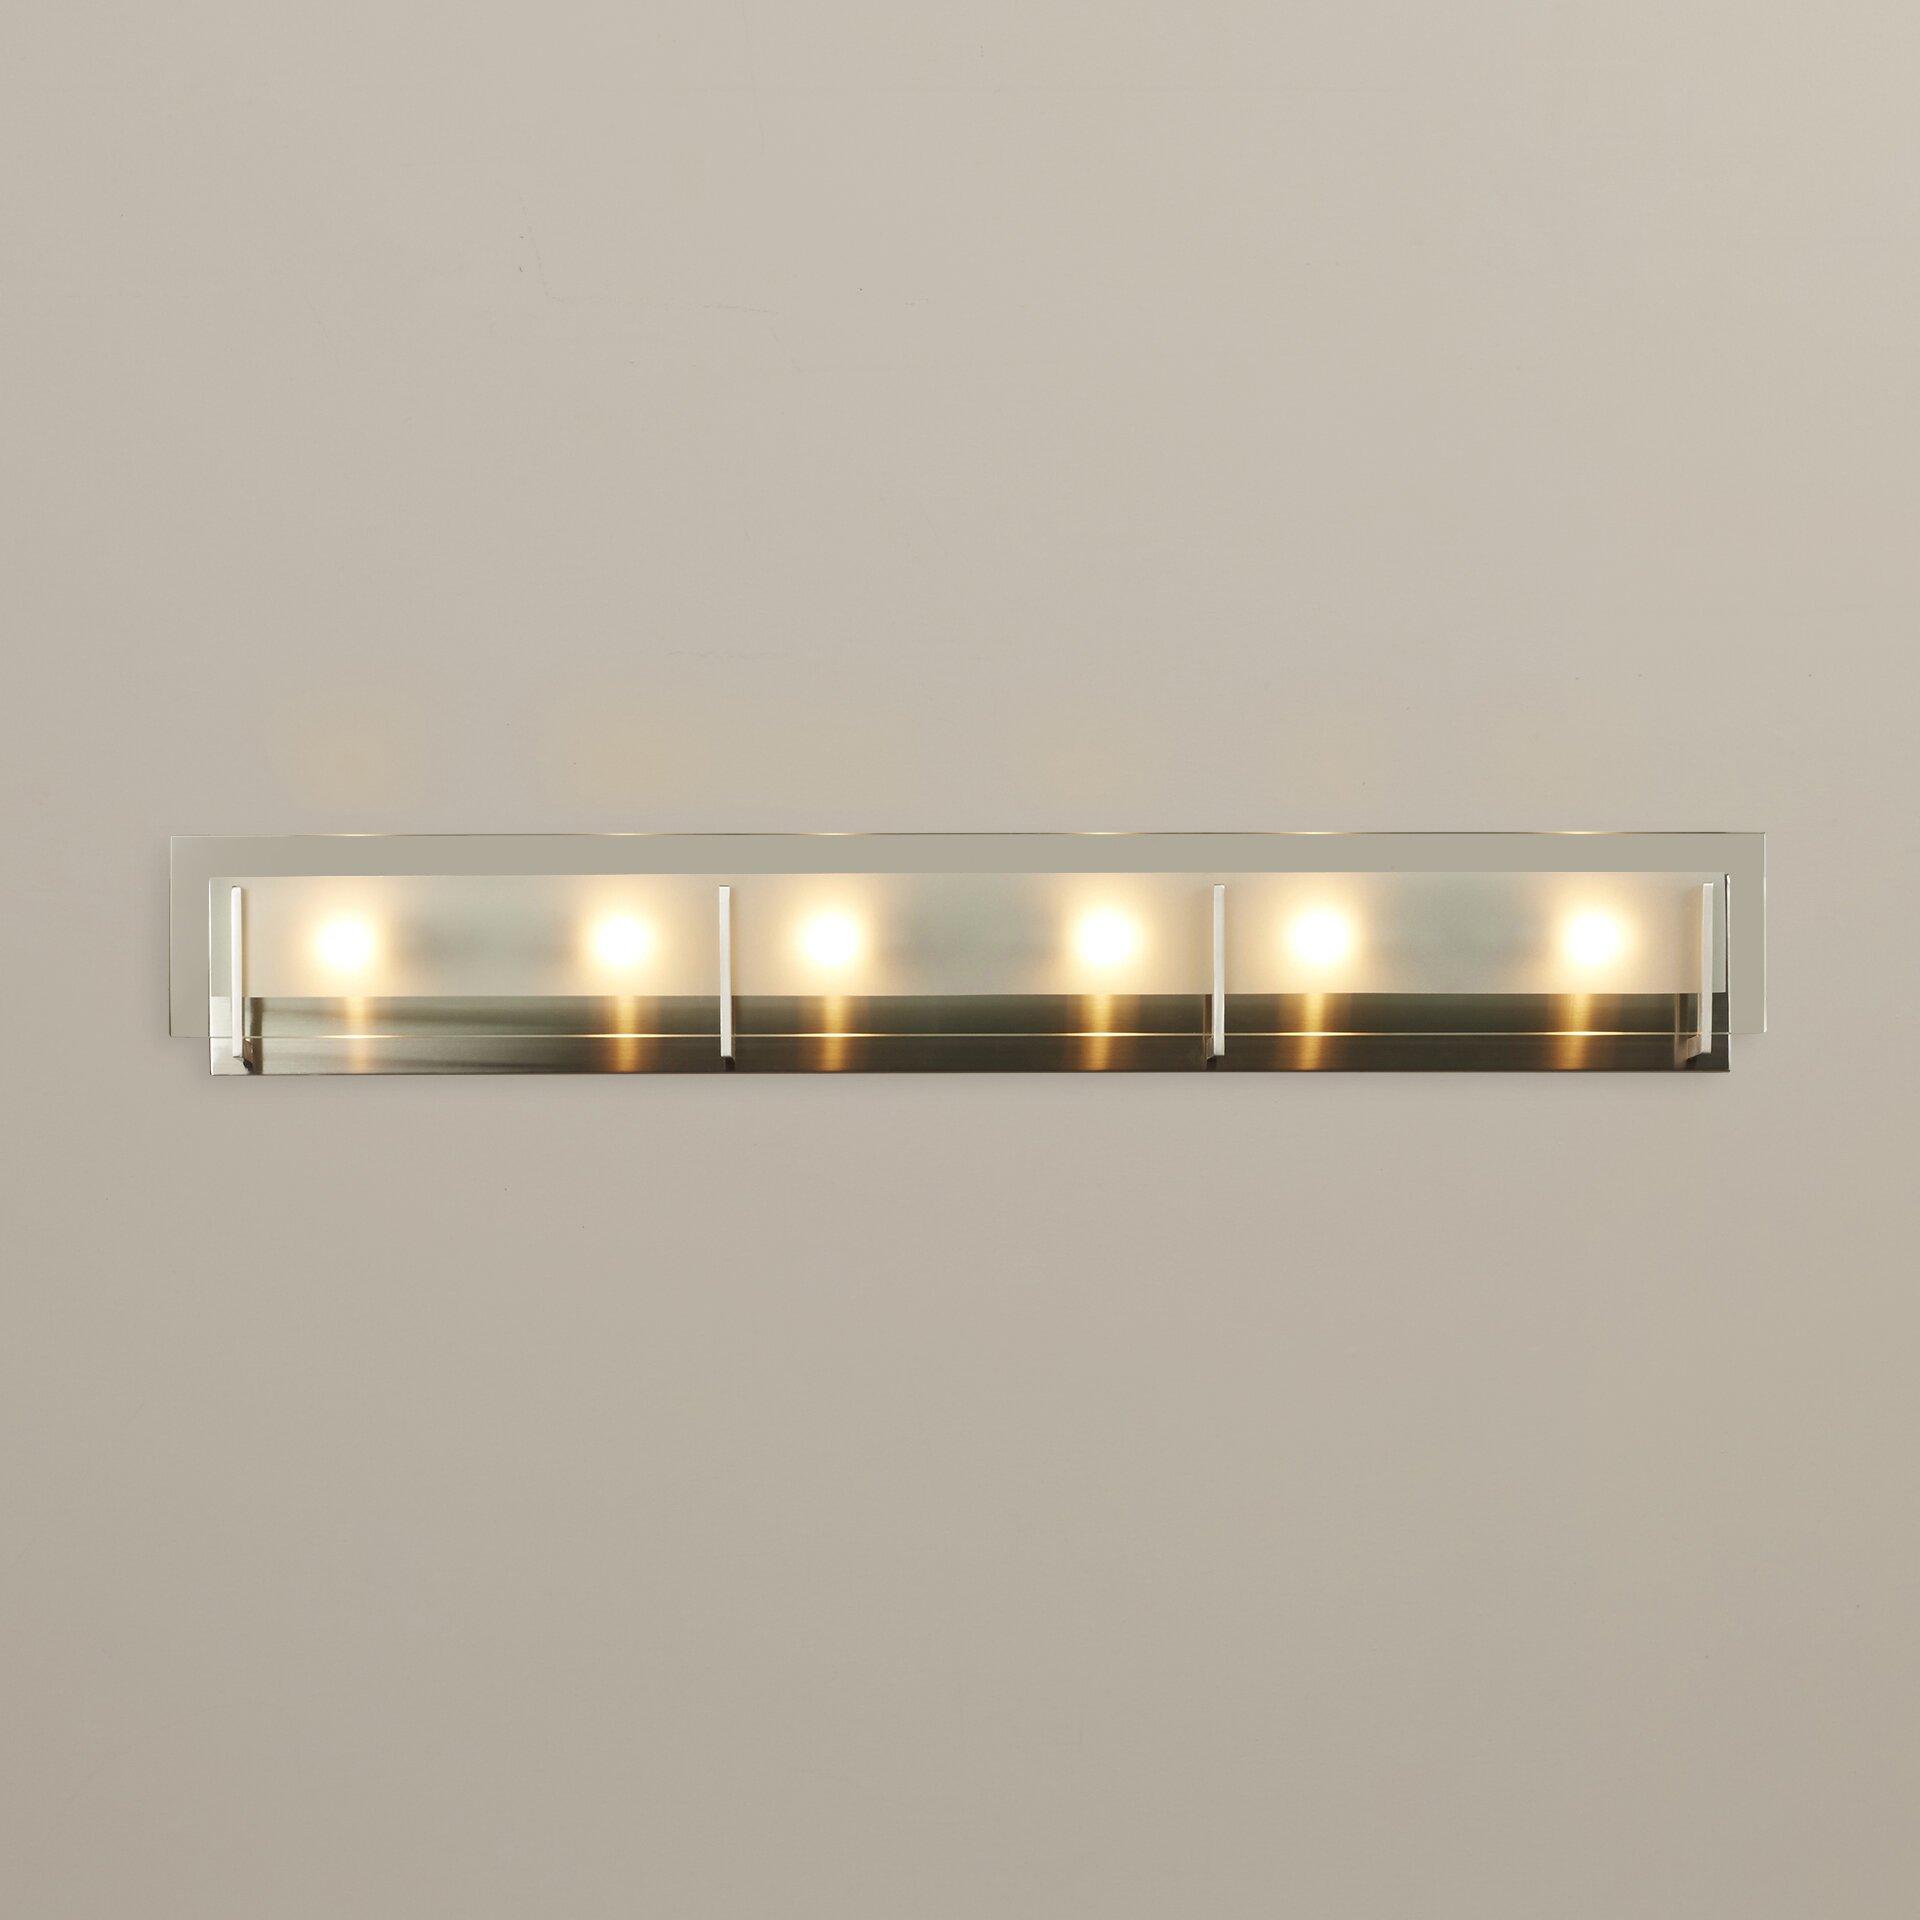 Corrigan Studio Kimber 6 Light Bath Bar Amp Reviews Wayfair